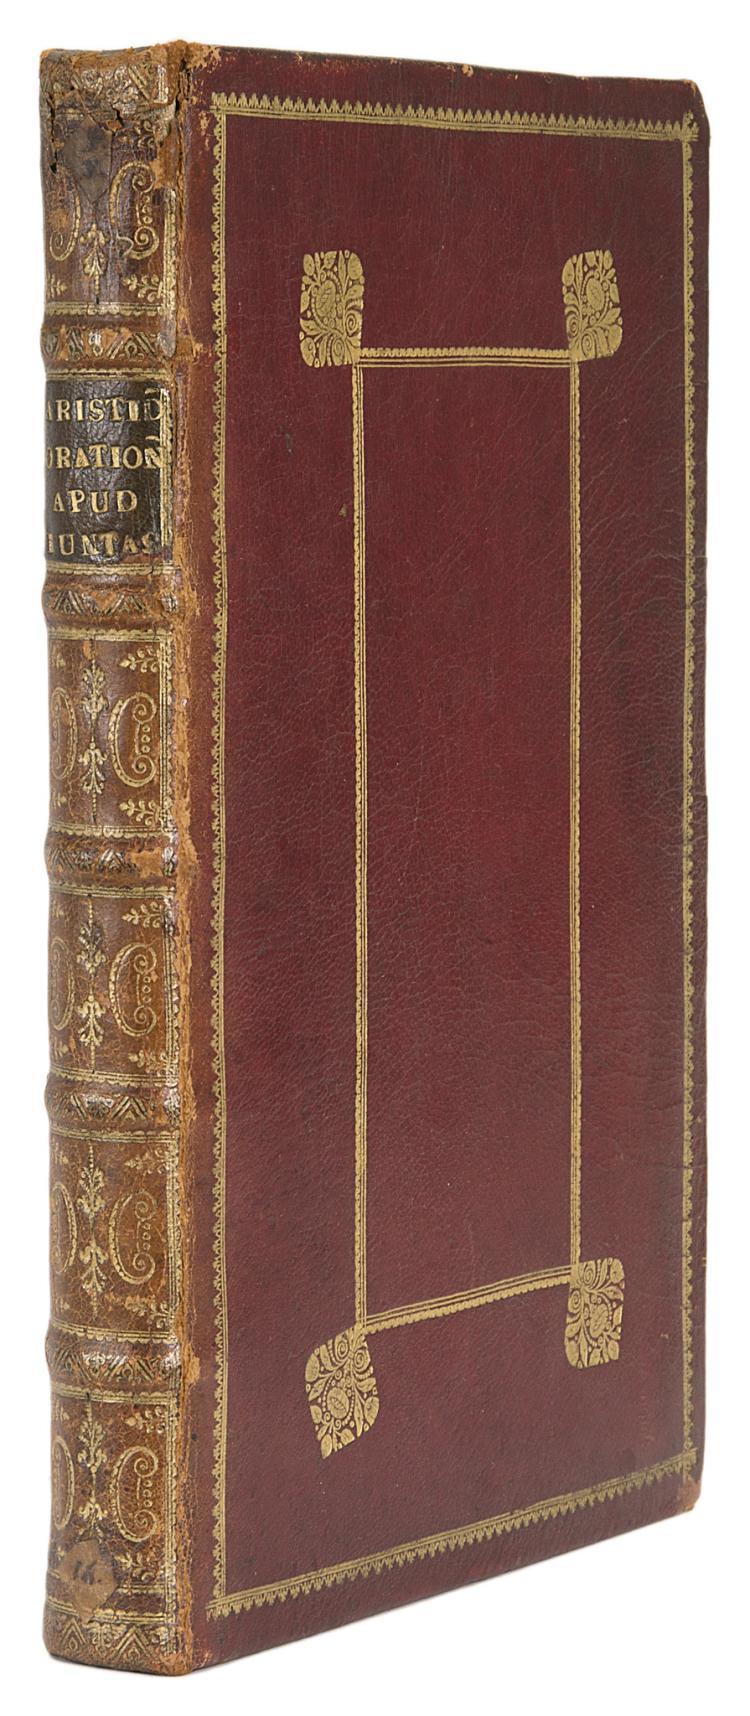 Aristides. Orationes, [Florence], [Philip Giunto], 1517.